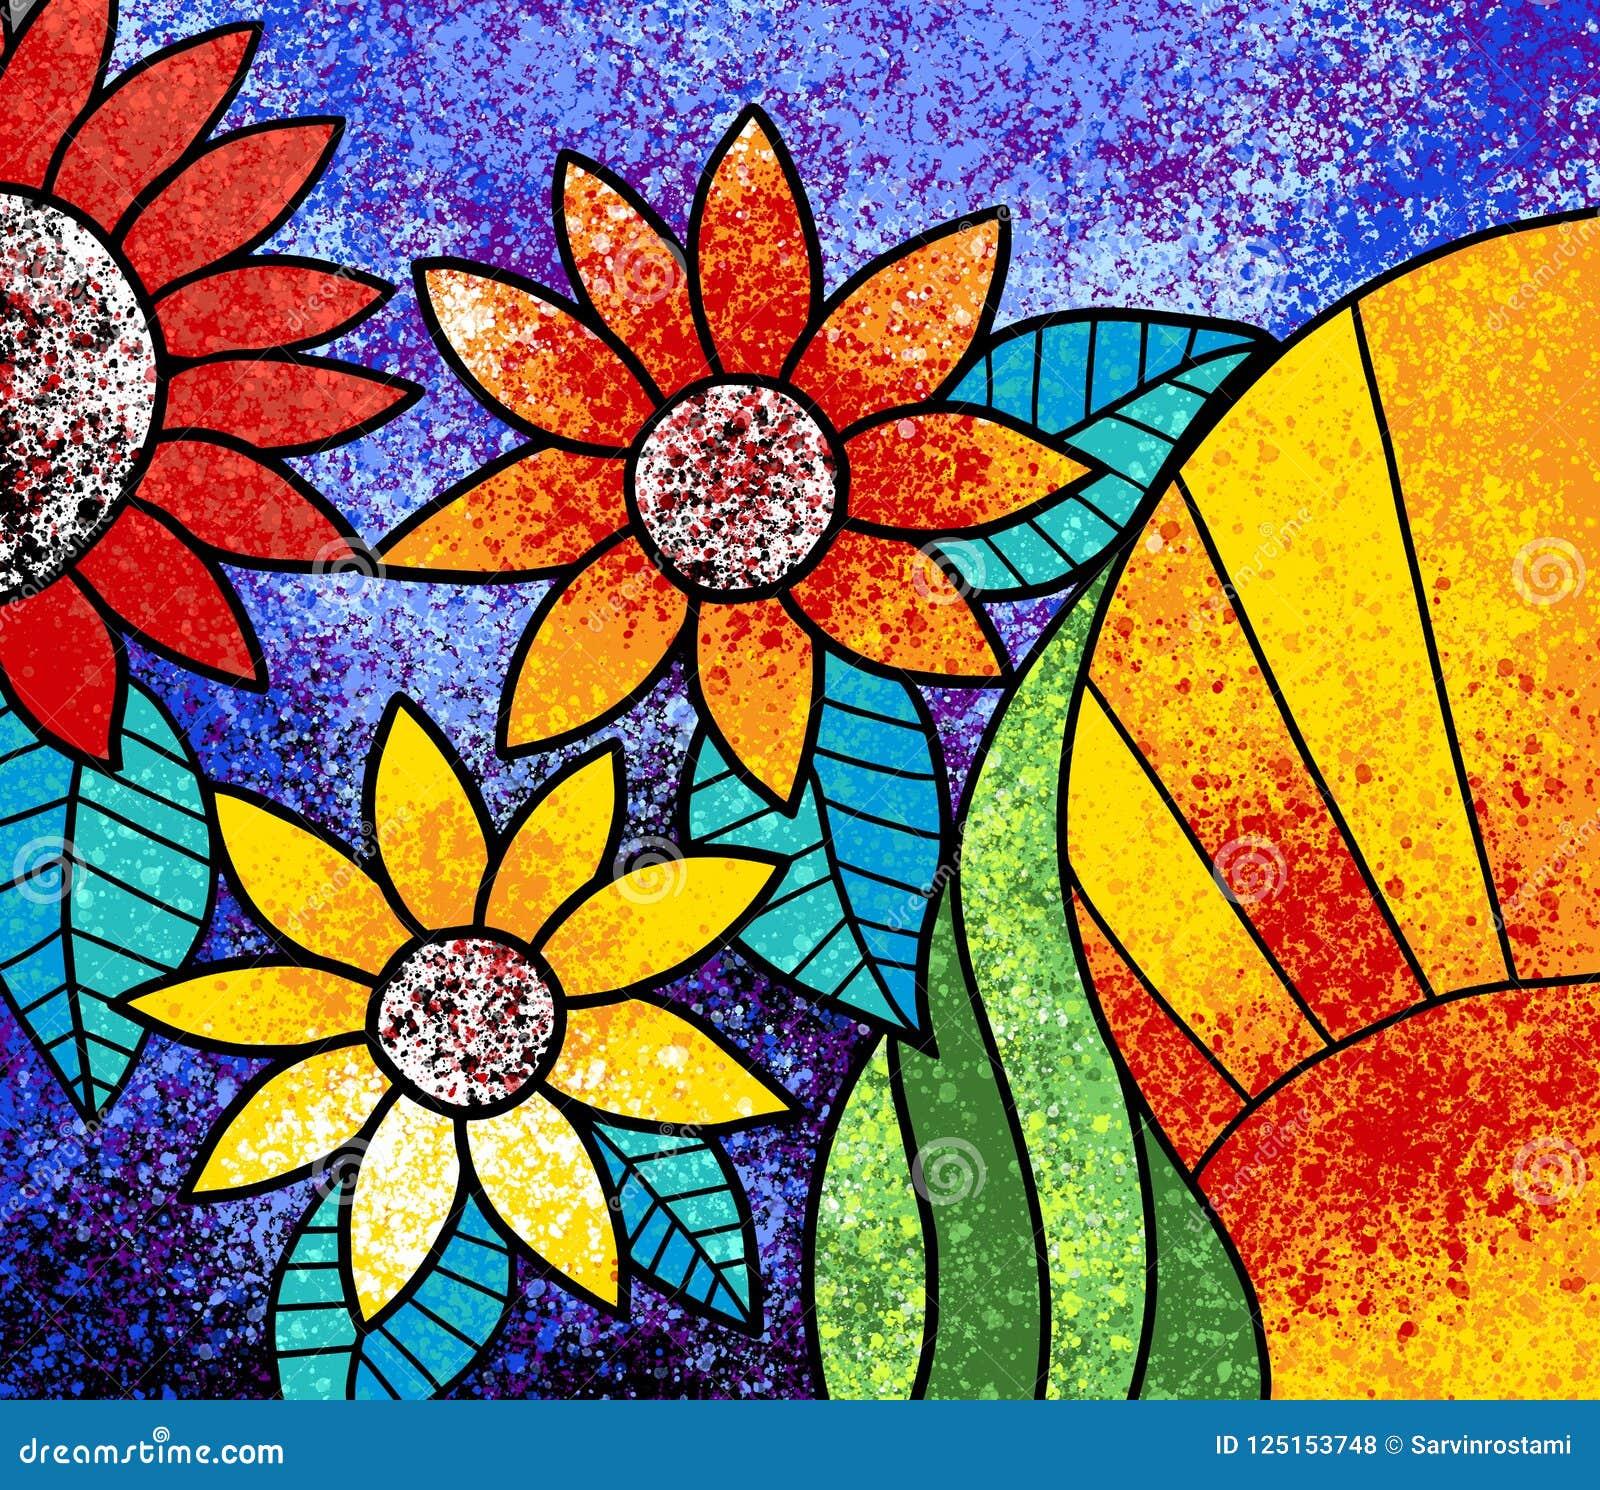 Ζωηρόχρωμο λουλουδιών έργο τέχνης ζωγραφικής καμβά ψηφιακό